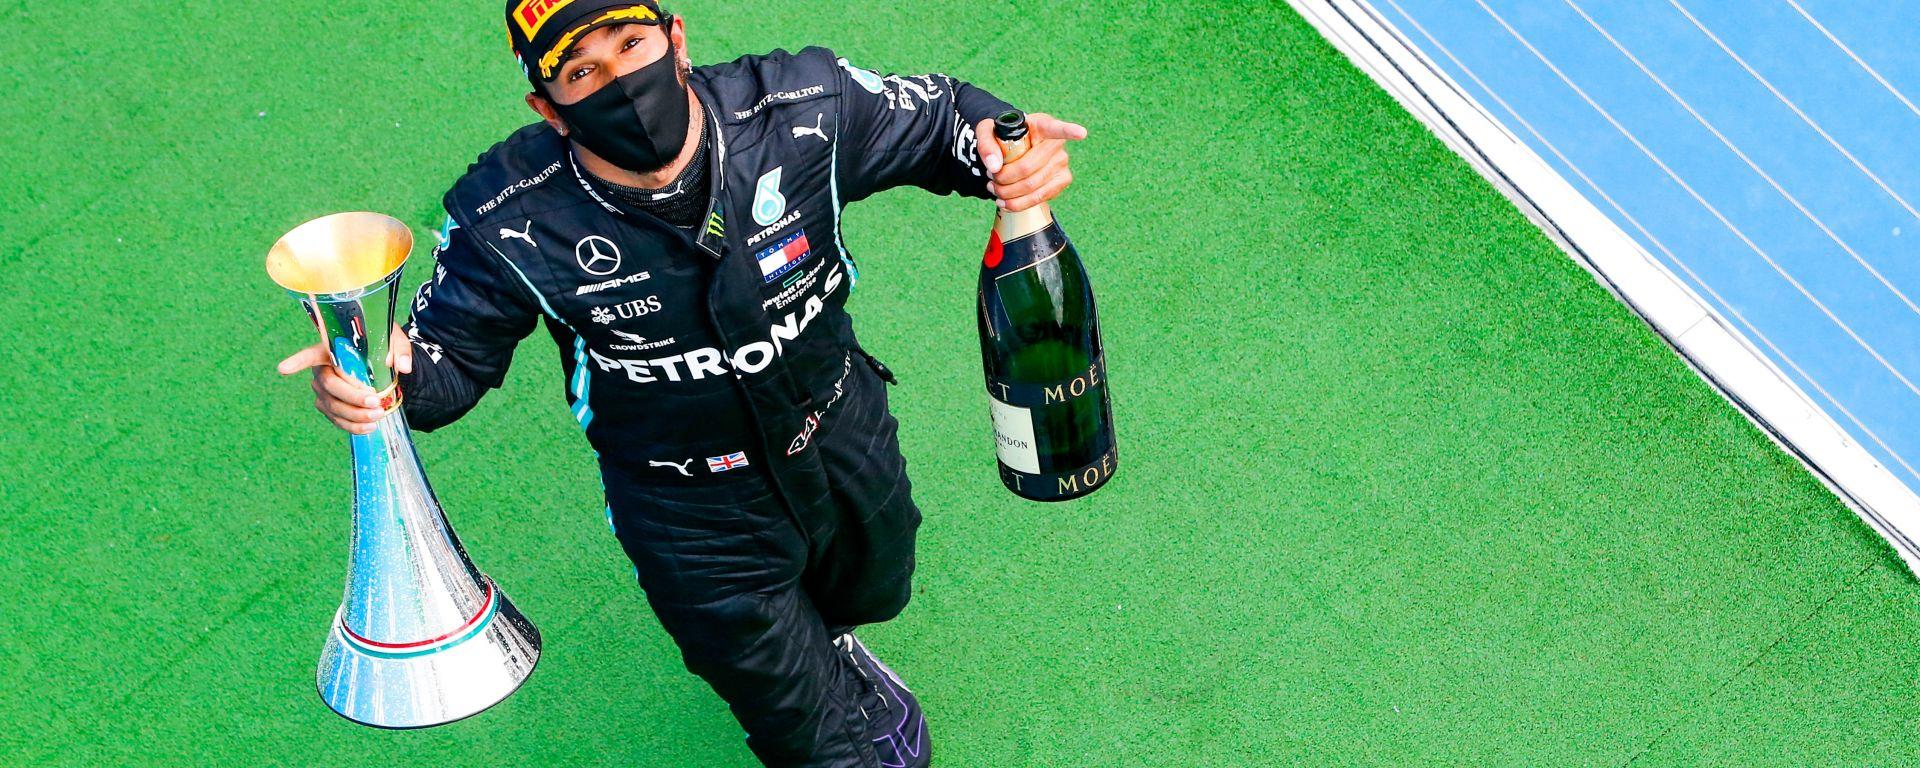 F1 GP Ungheria 2020, Budapest:  Lewis Hamilton (Mercedes) festeggia sul podio